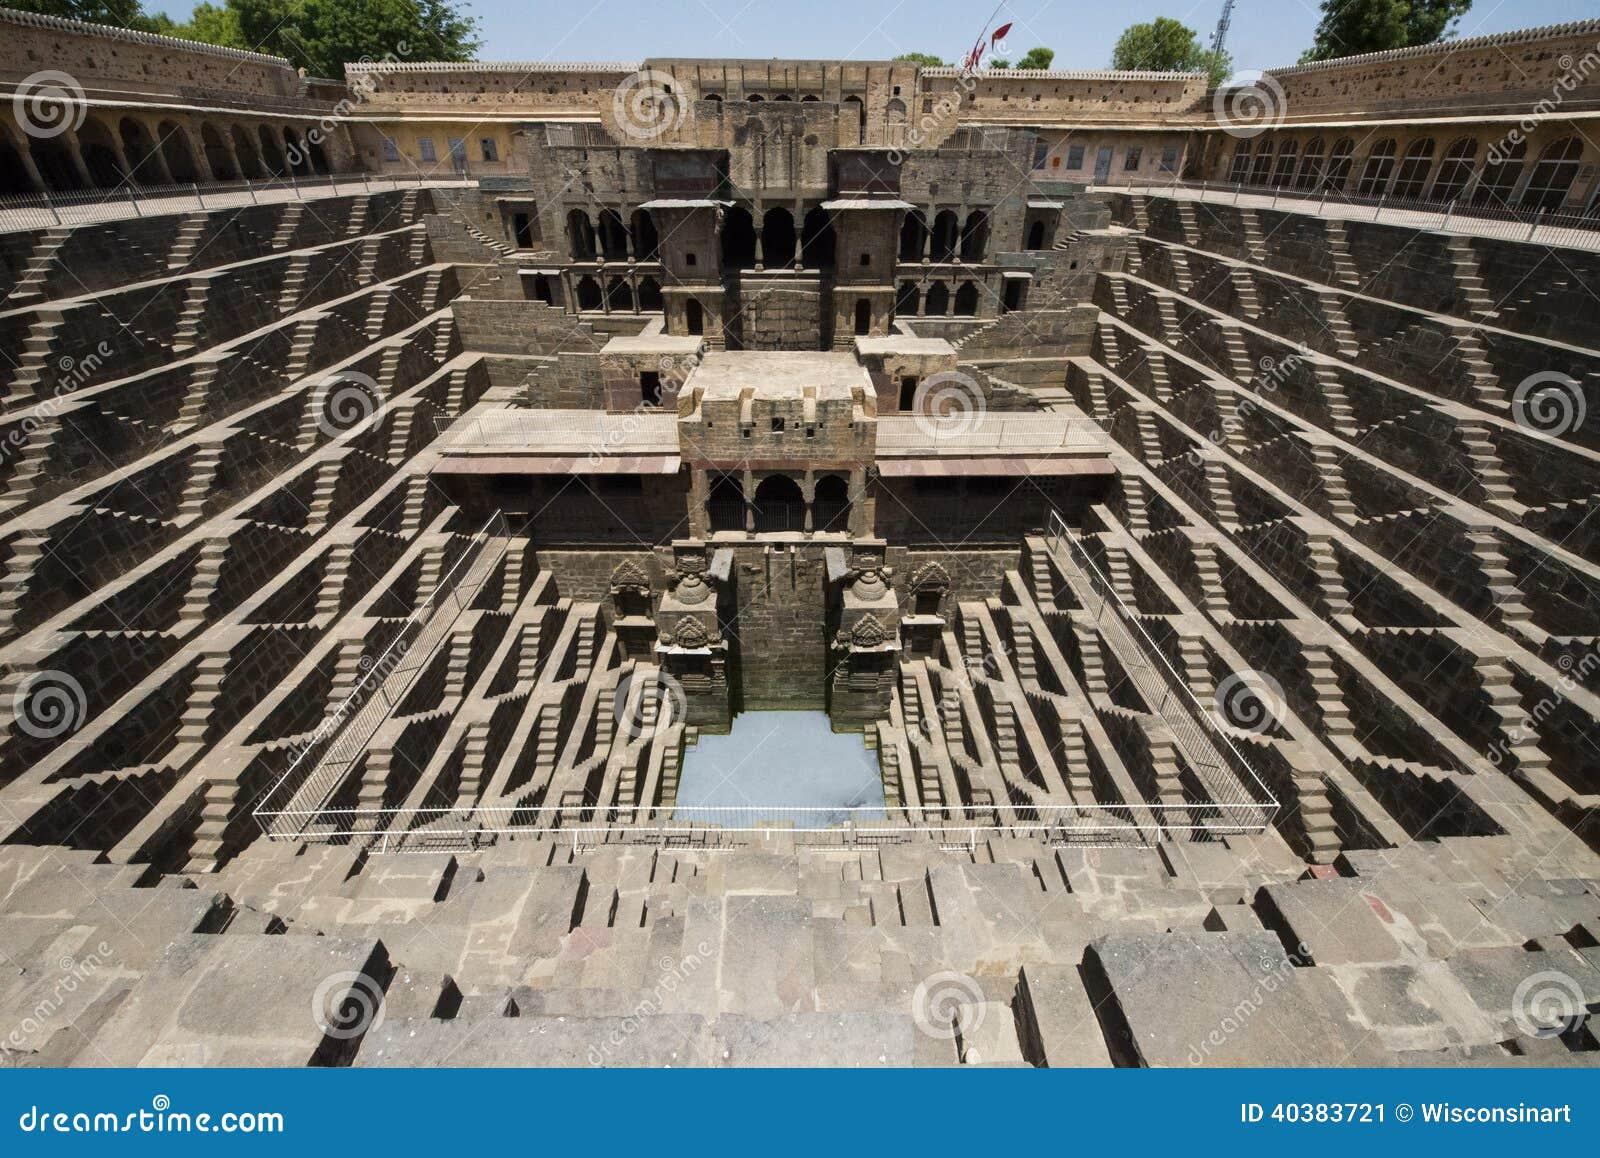 Αρχαίο βήμα καλά, έλξη ταξιδιού τουριστών στην Ινδία